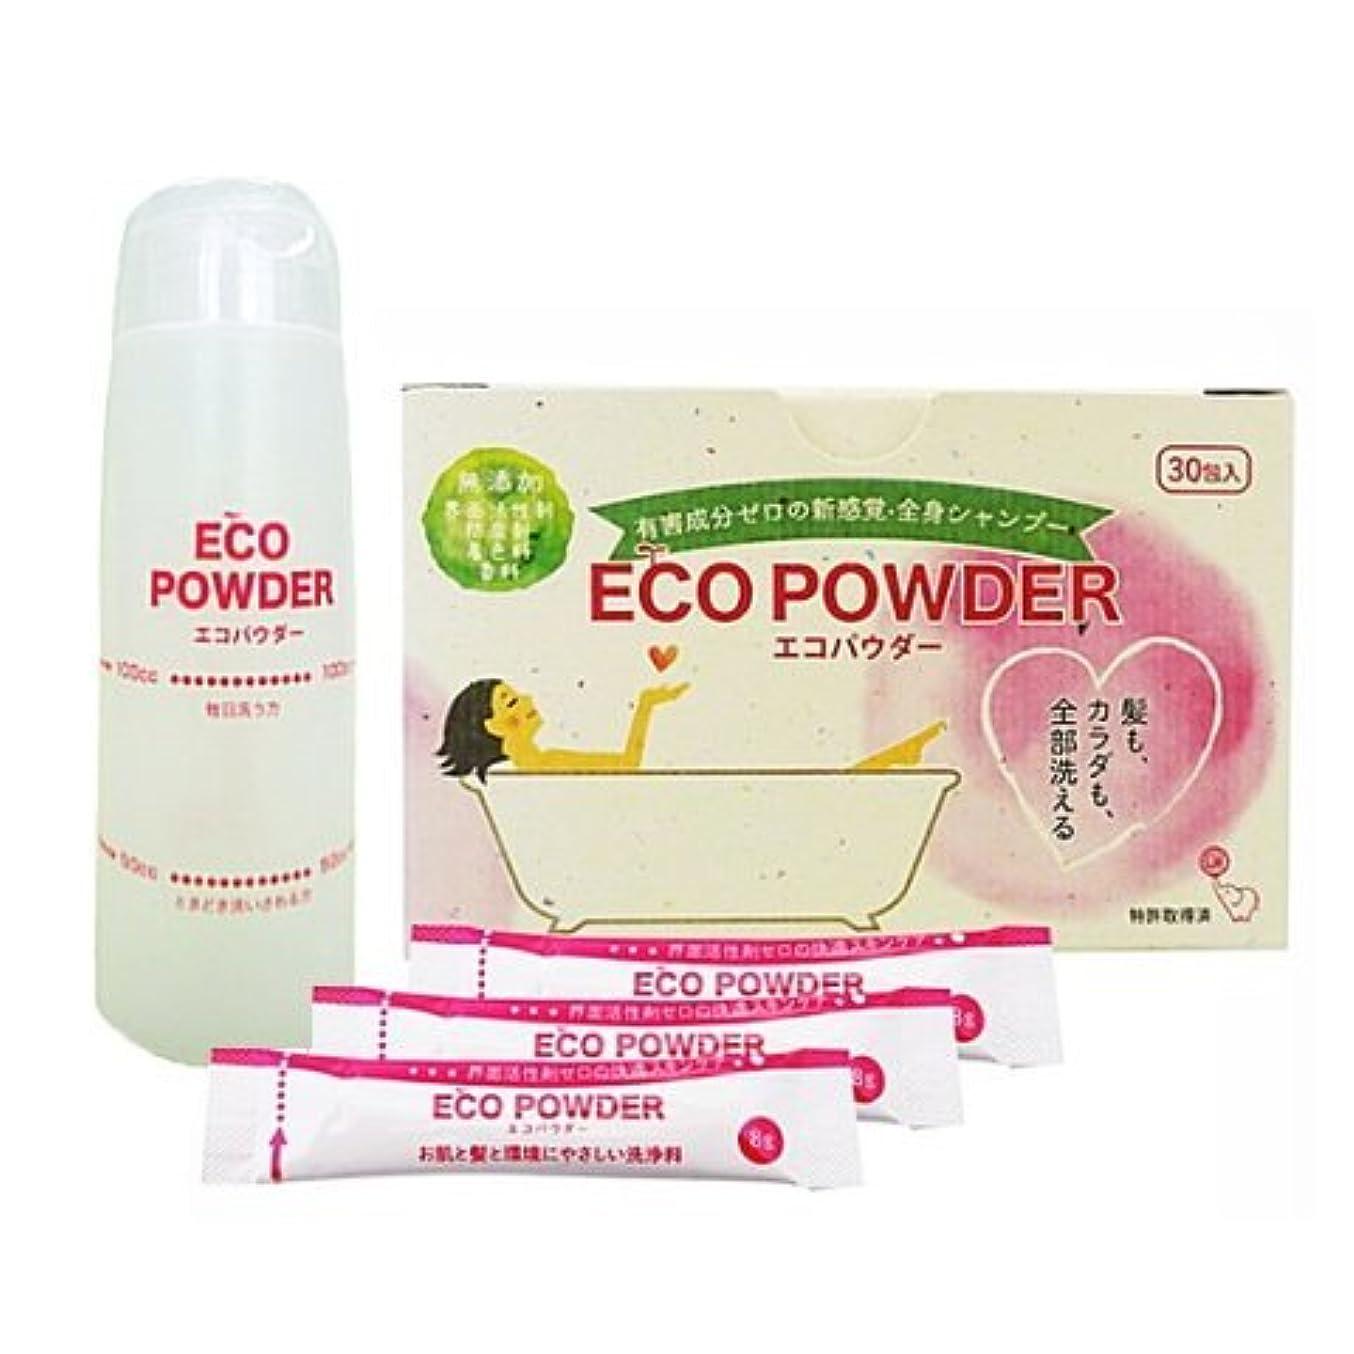 自分を引き上げる部屋を掃除するブラウスエコパウダー ( 旧ママプレマシャンプー ) 8g×30包 (専用容器付き) 界面活性剤ゼロシャンプー 乾燥肌 敏感肌 赤ちゃんに